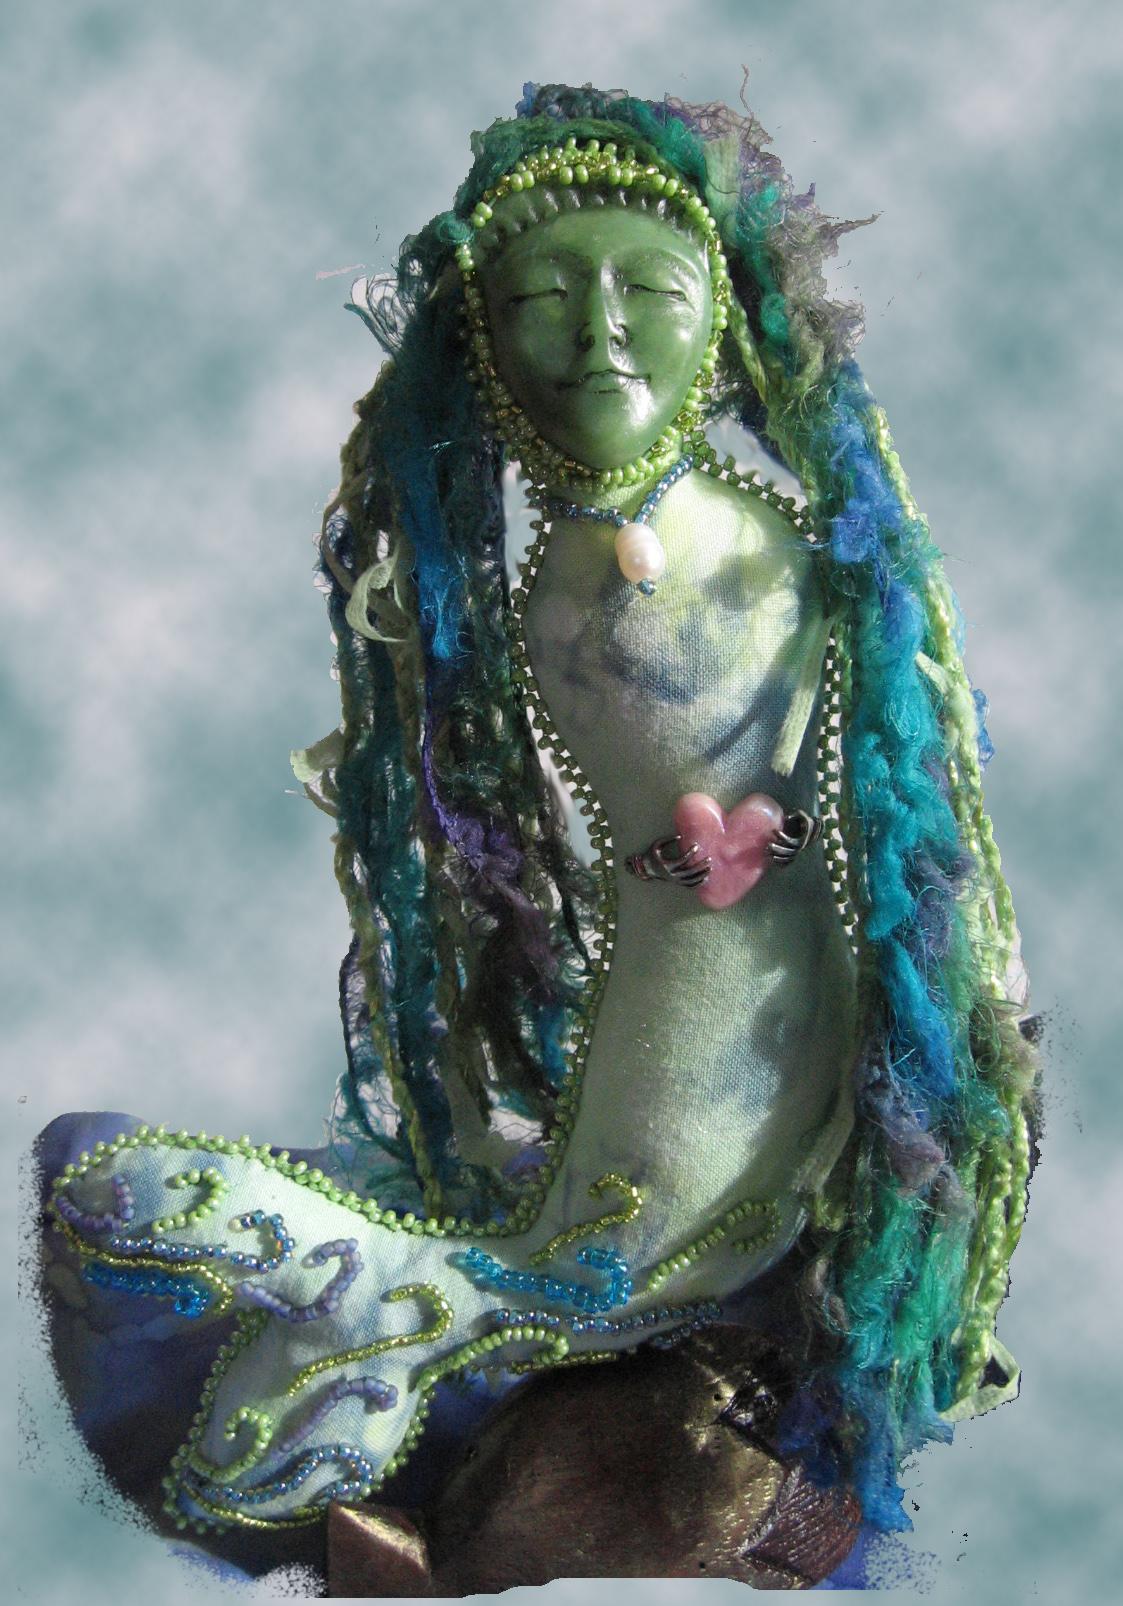 mermaid doll.jpg